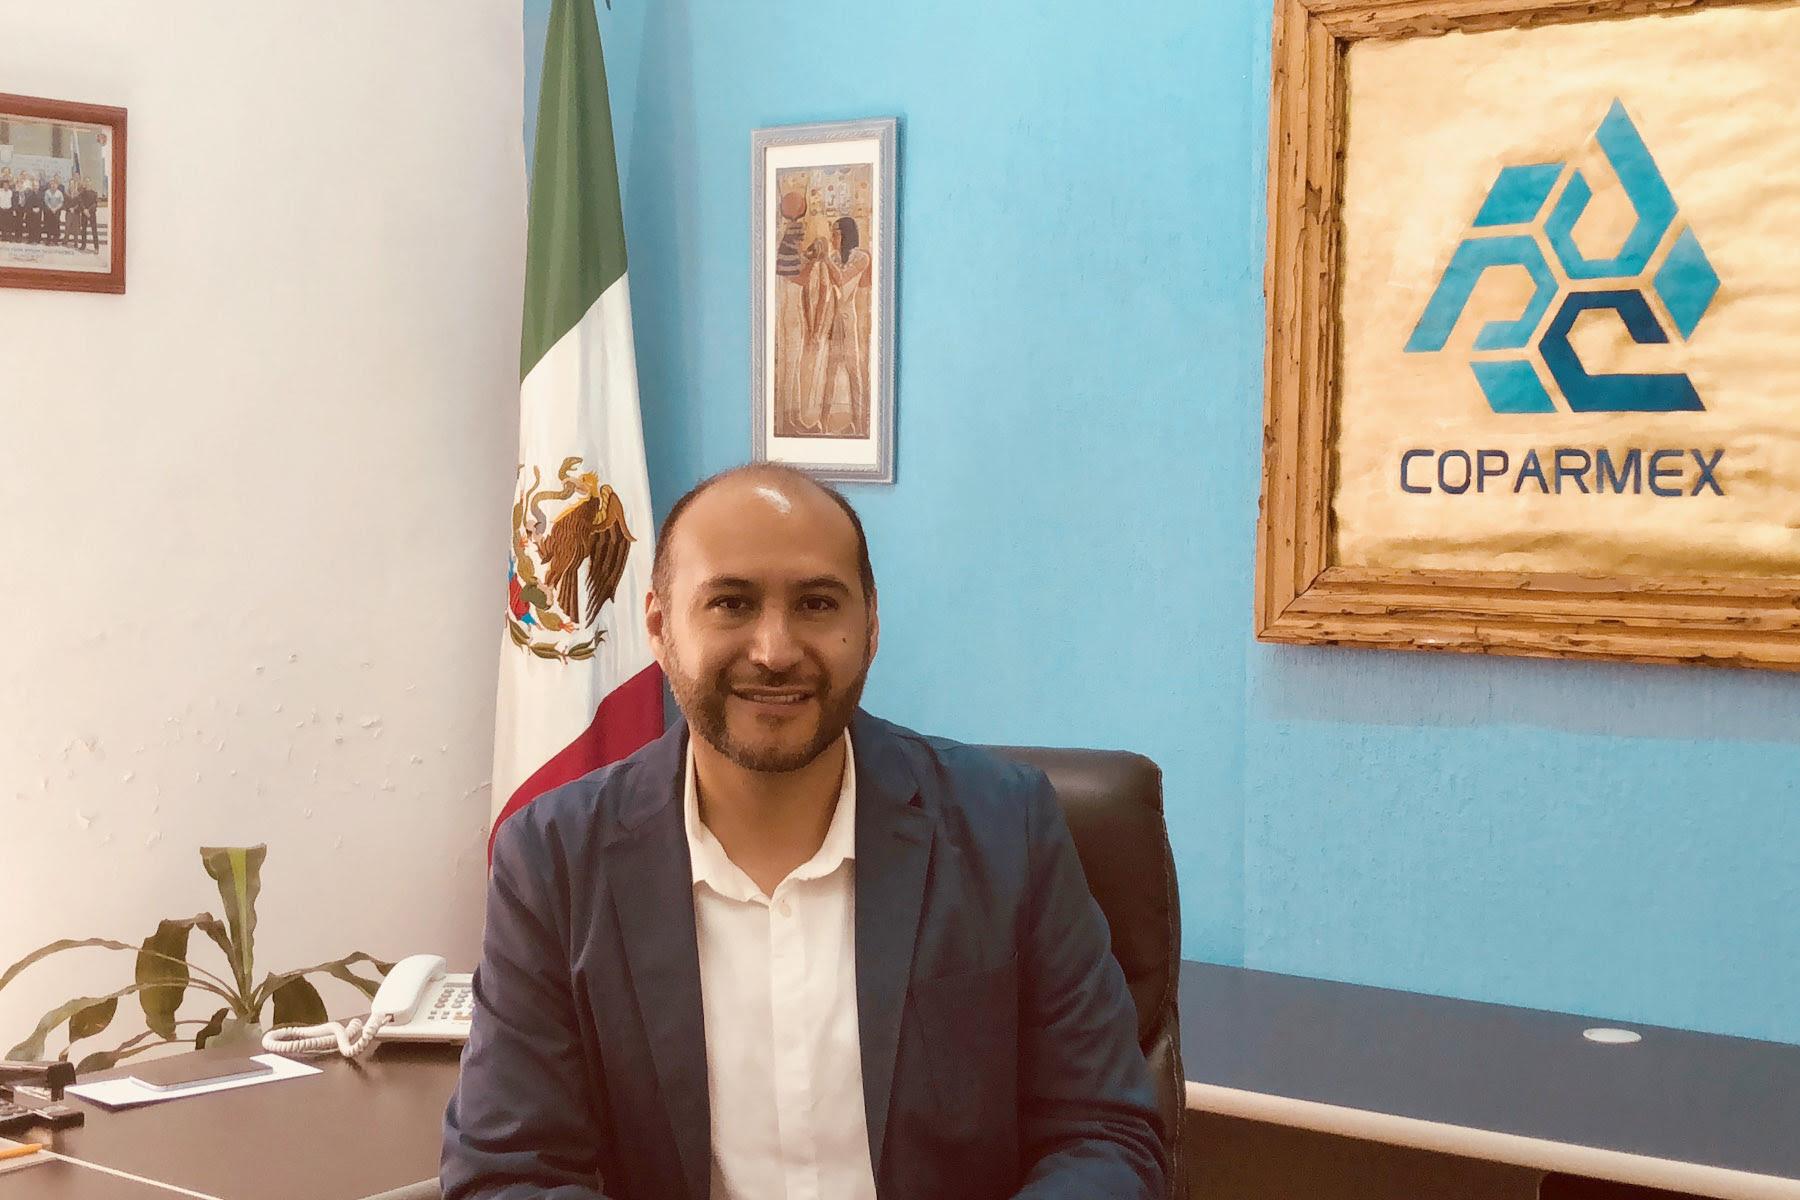 Positivo acuerdo comercial con EU y Cánada: Coparmex